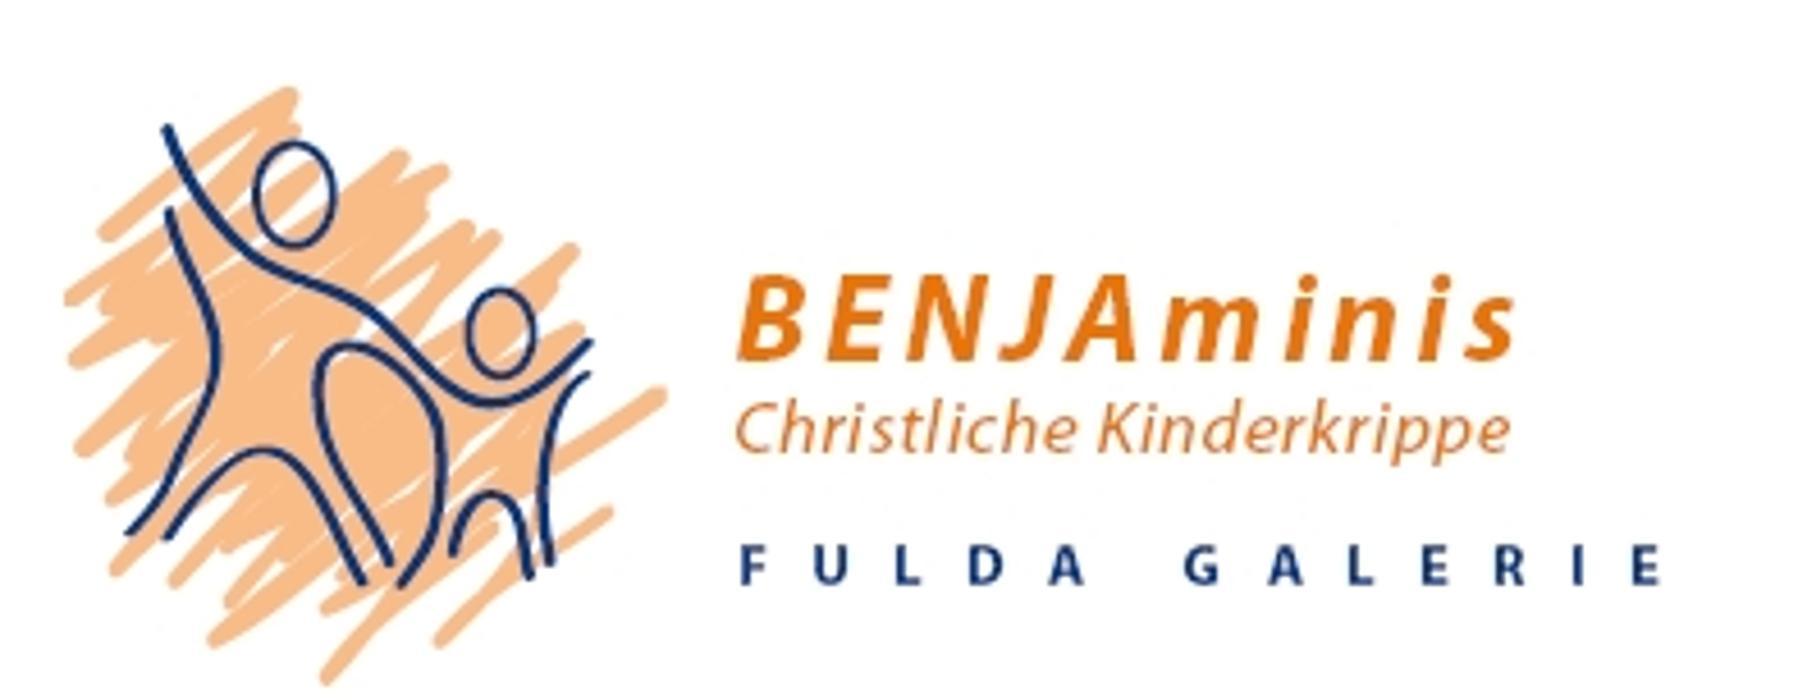 Logo von BENJAminis Kinderkrippe